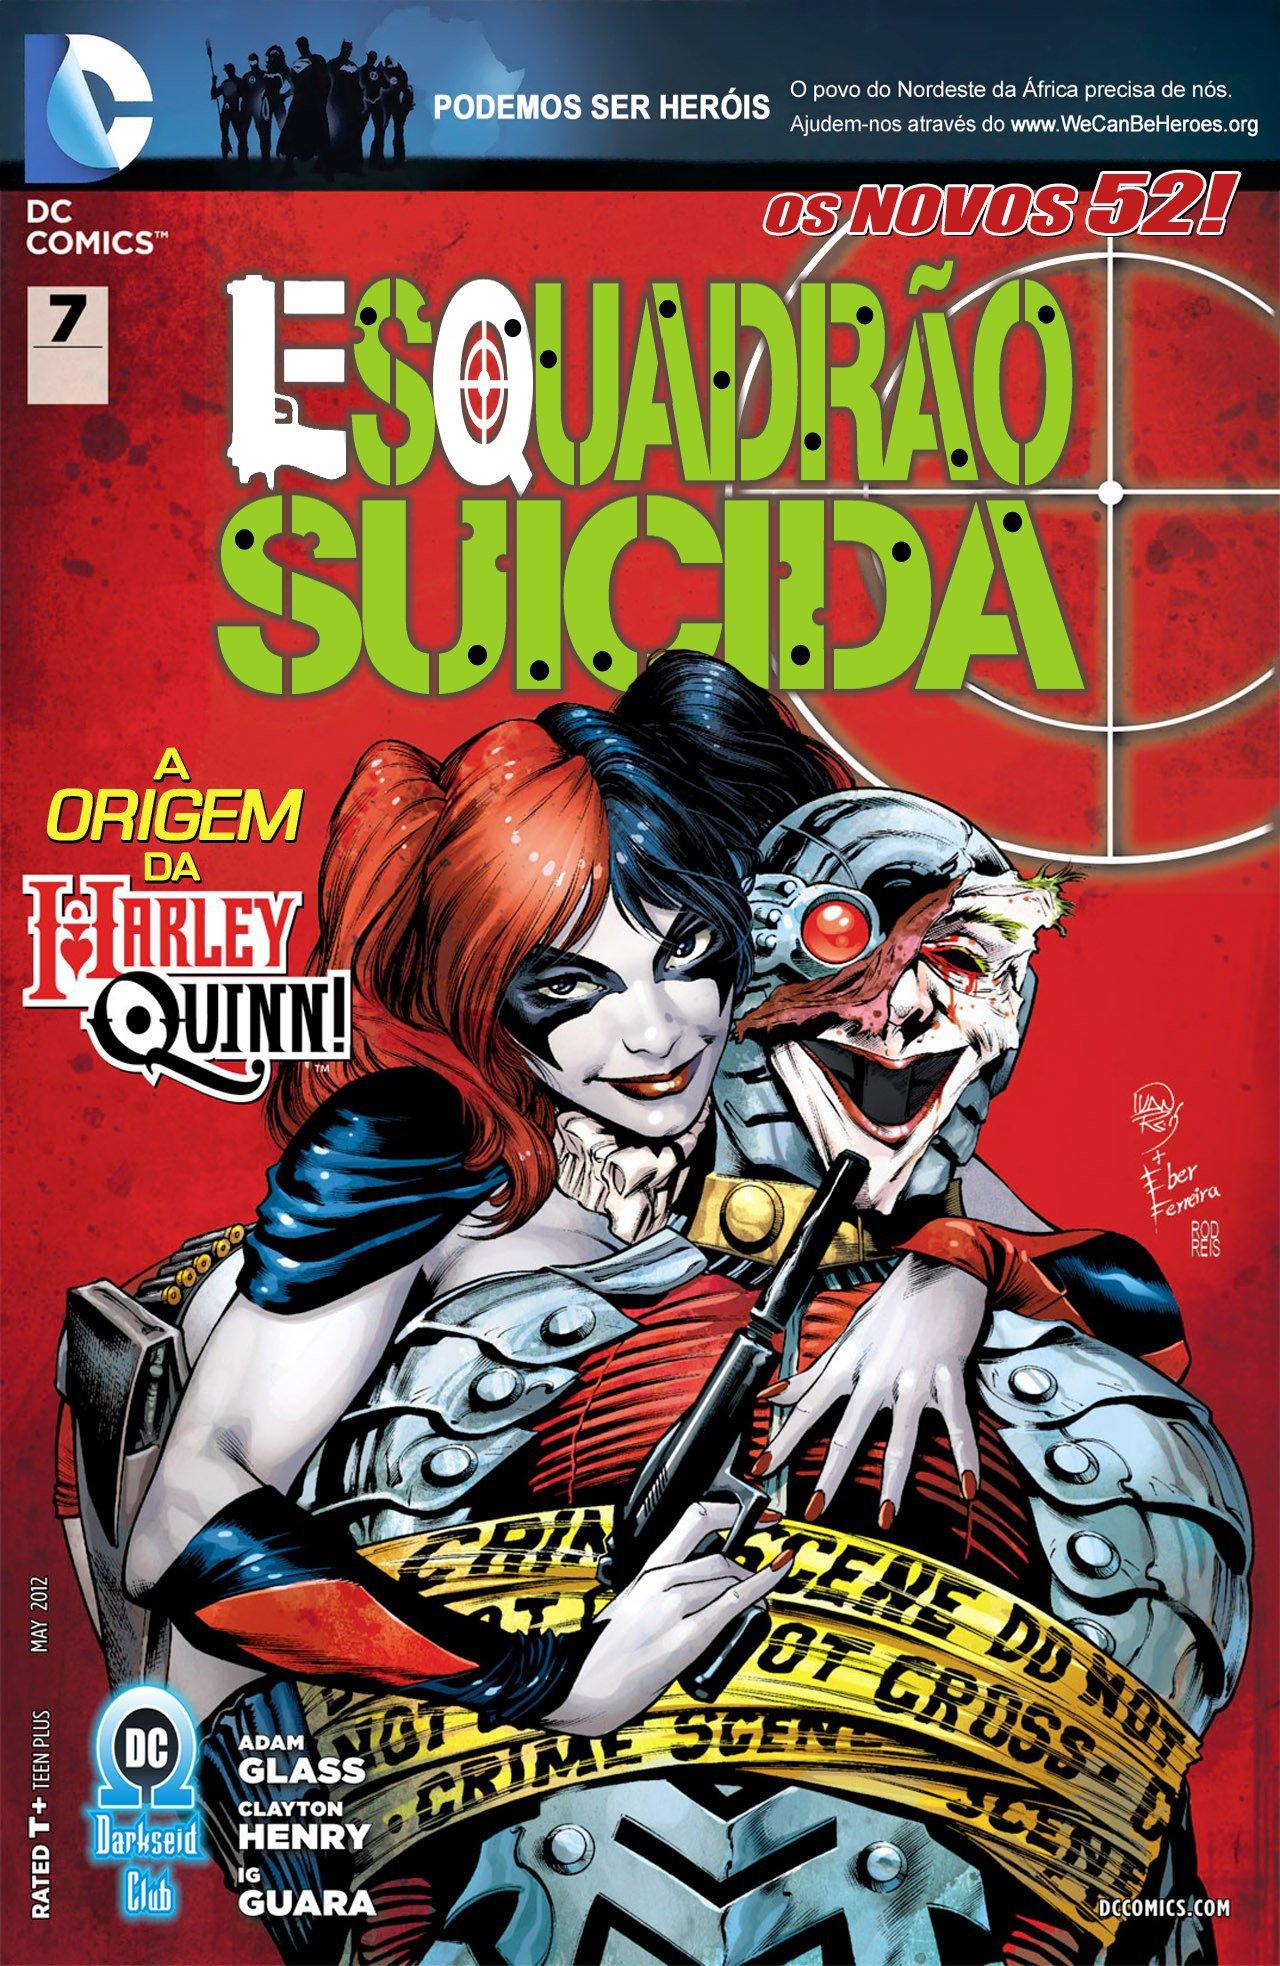 esquadrão-suicida-comparação-hq-quadrinhos-filme-robert-kanigher-ross-andru-6